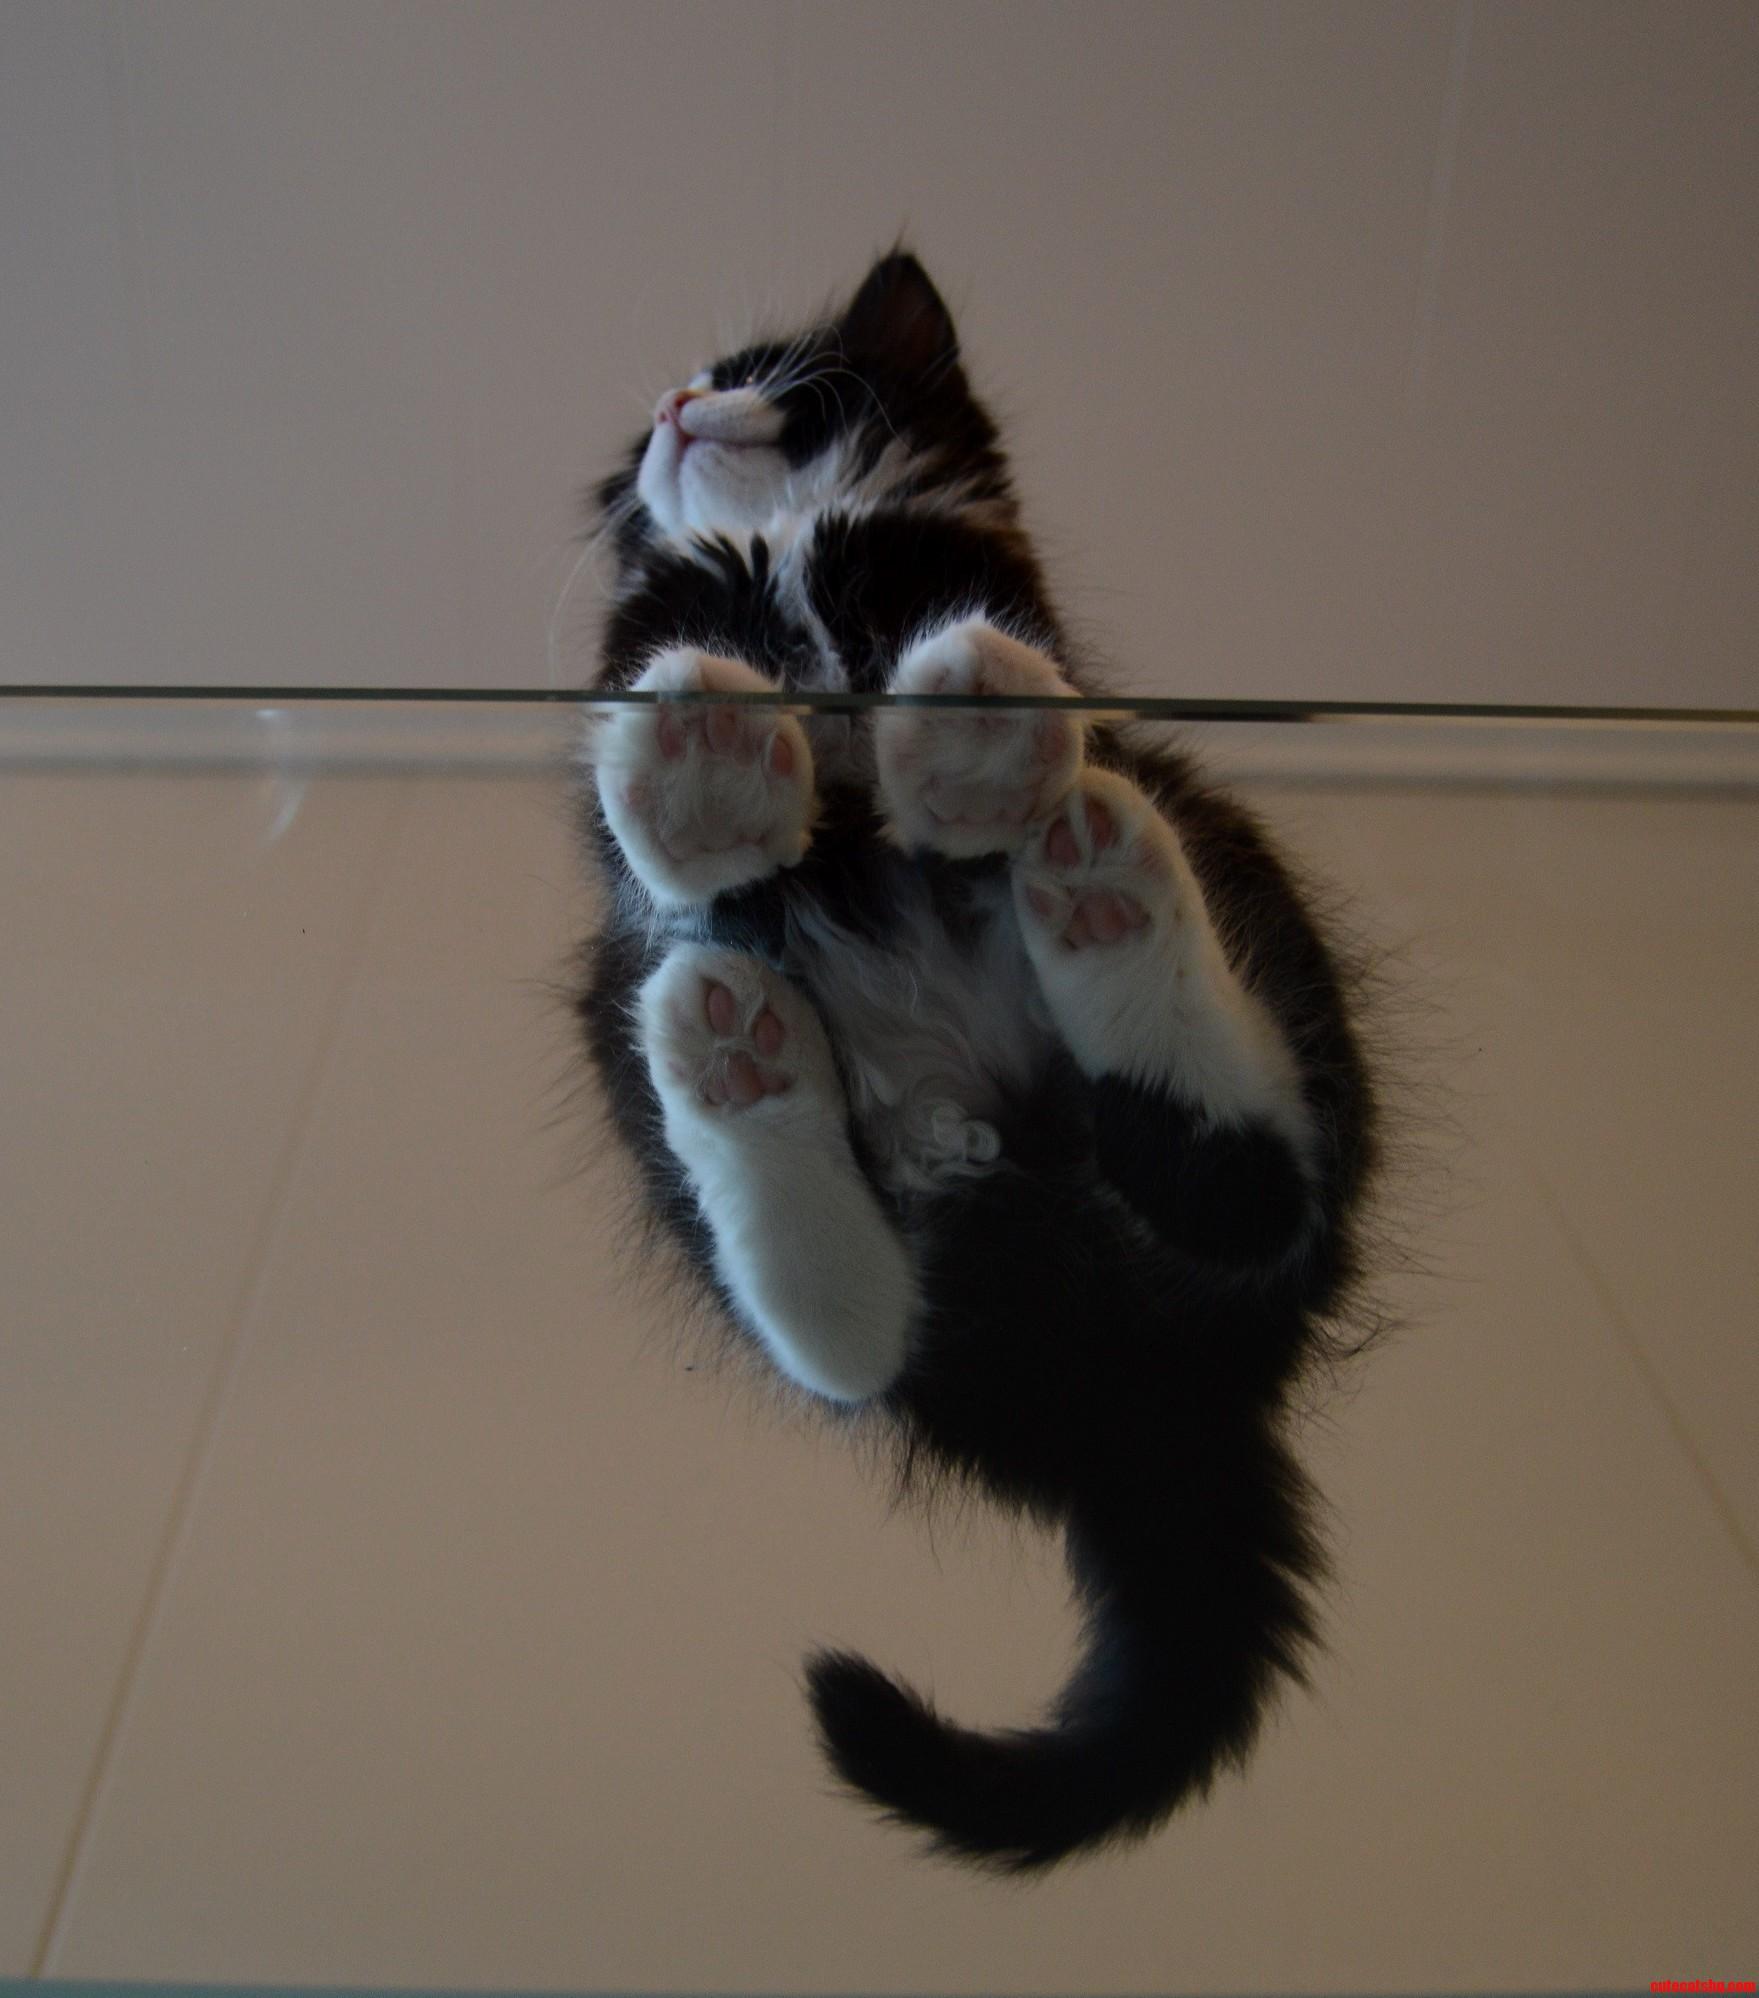 Kitten from below